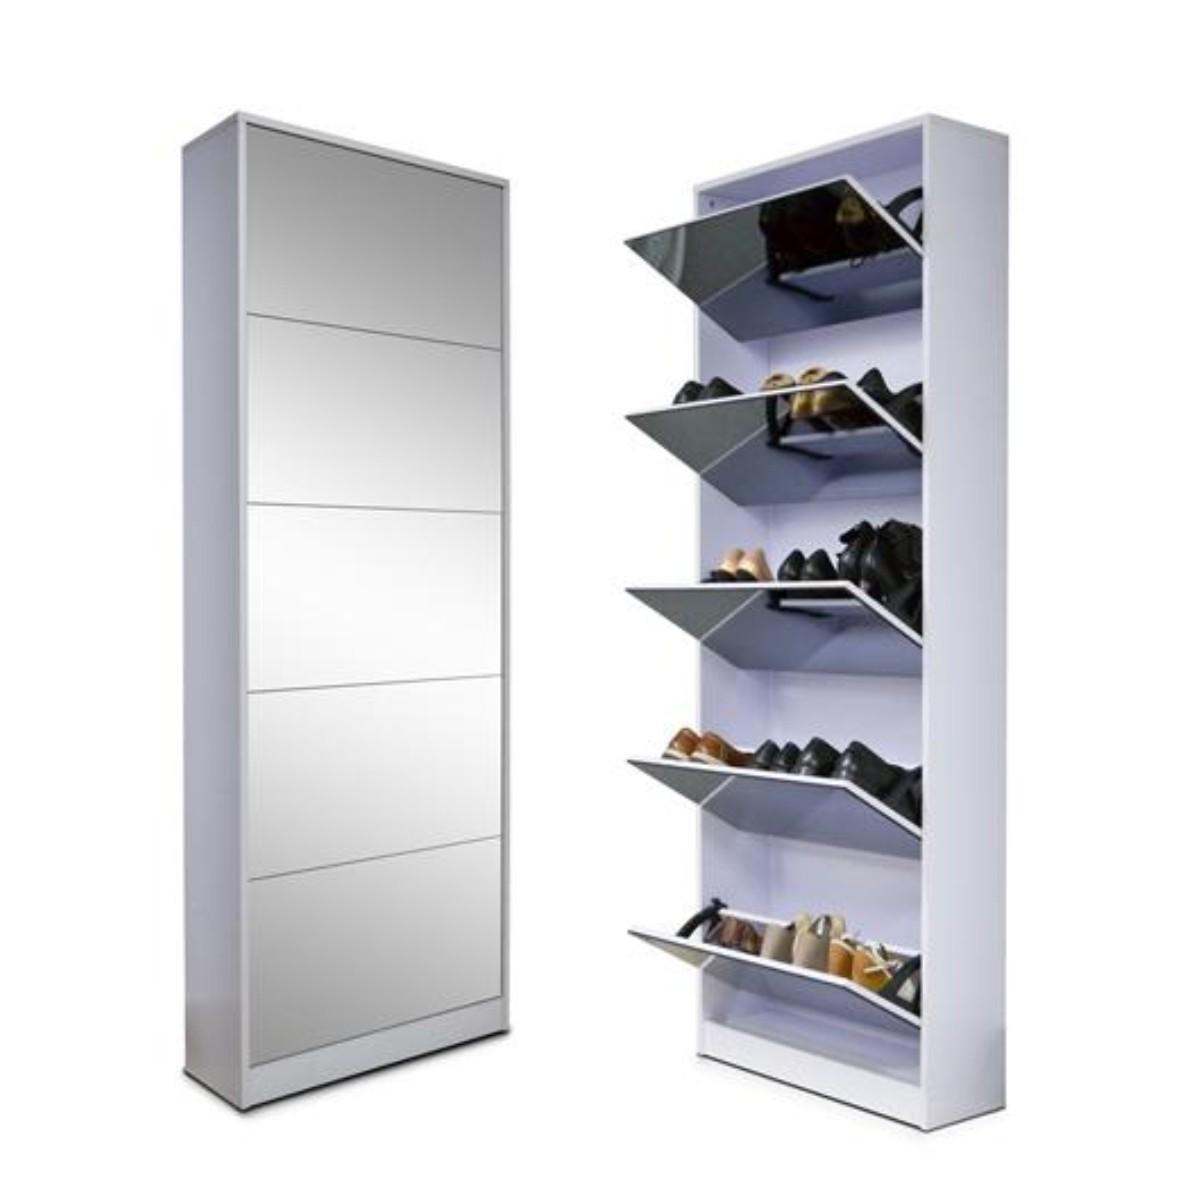 Mueble zapatero con espejo capacidad para 20 pares for Muebles para guardar zapatos y botas